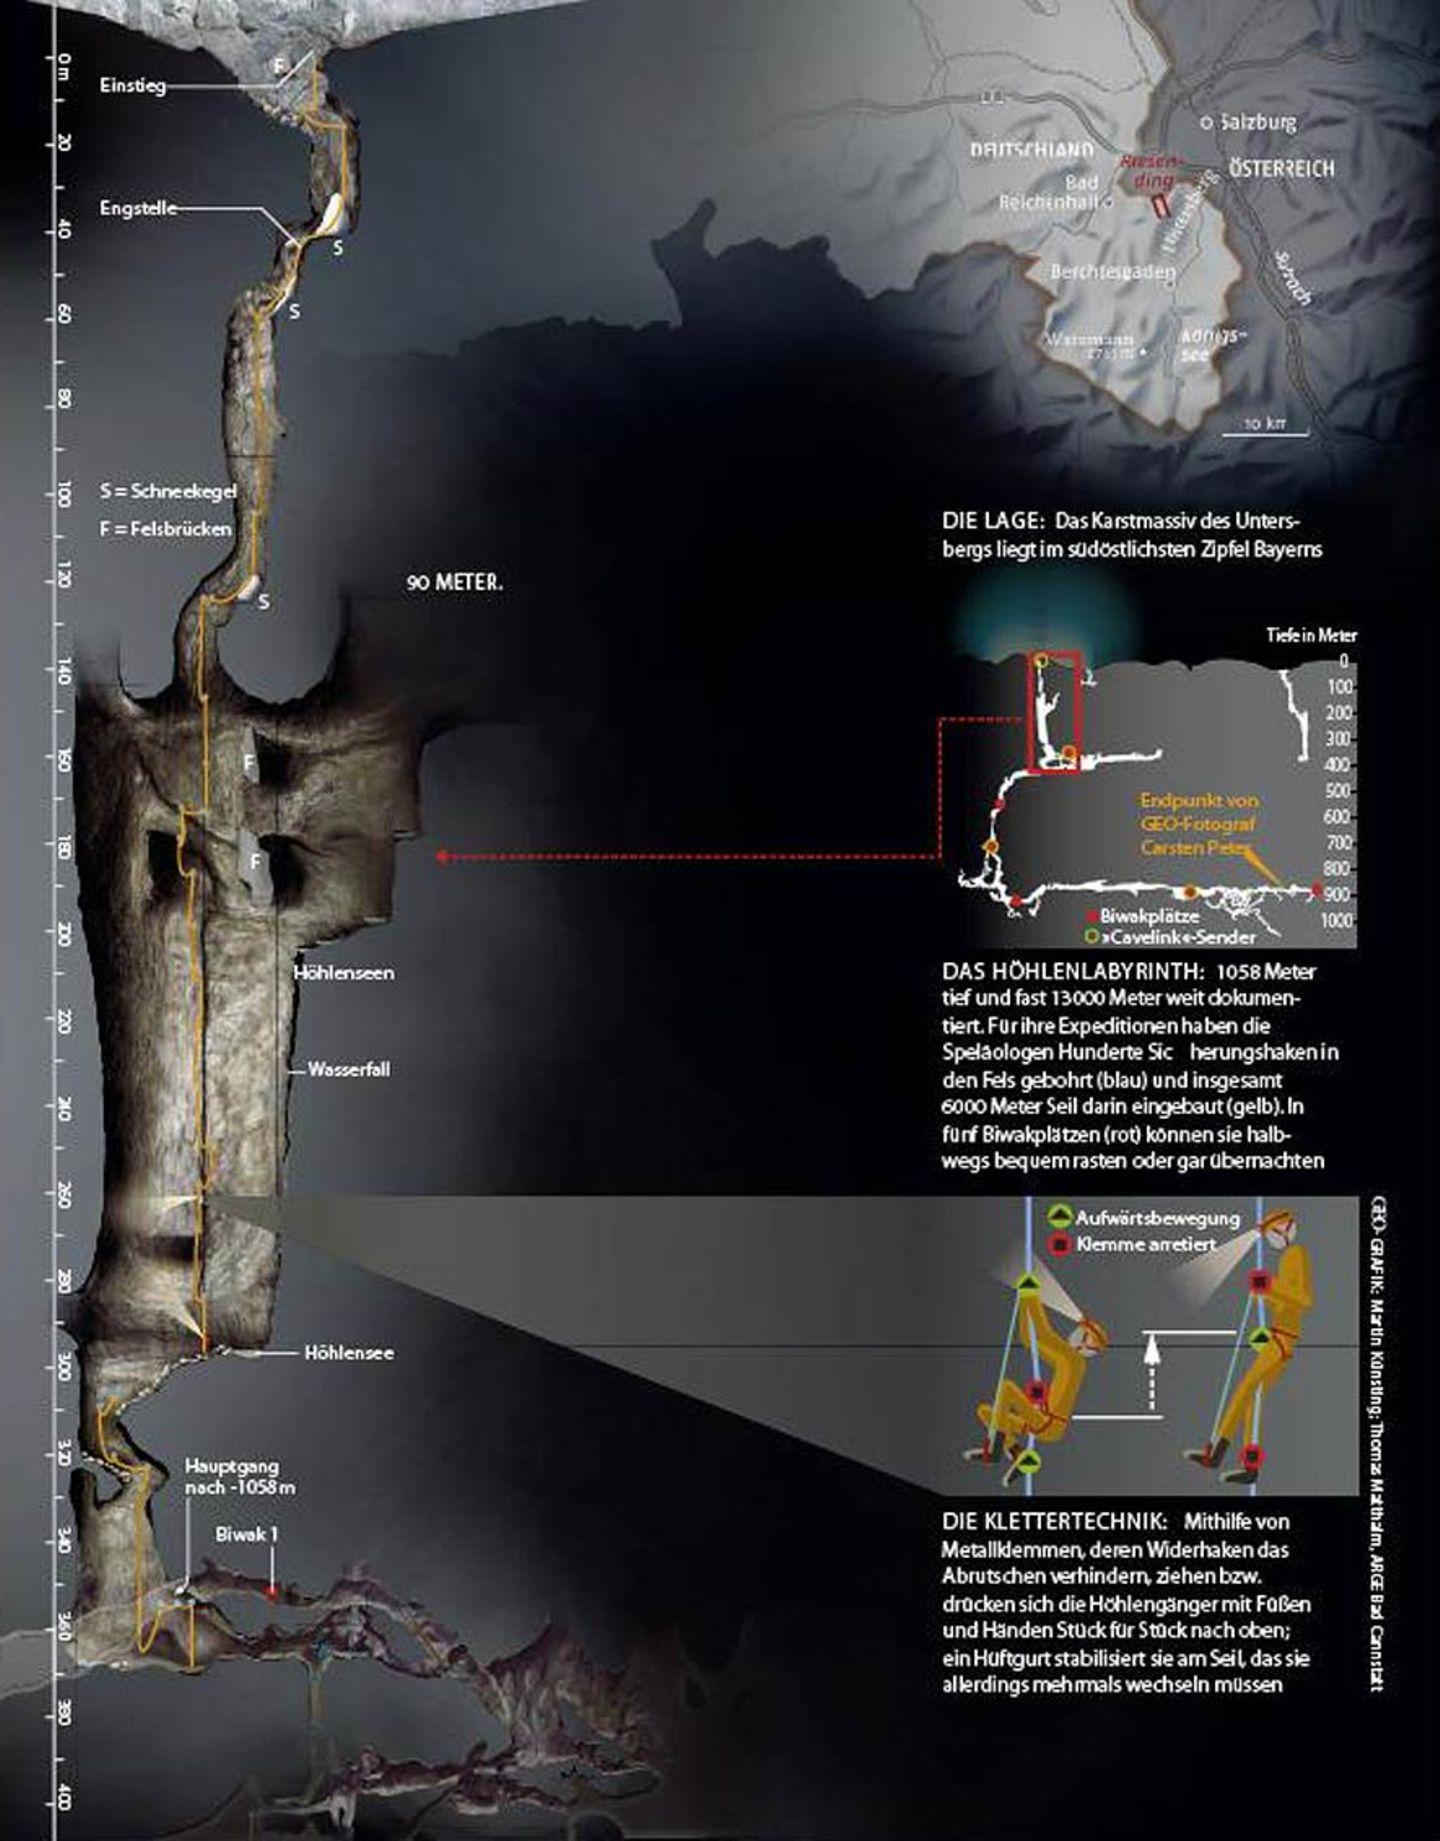 Riesending: In der tiefsten Höhle Deutschlands - Bild 10